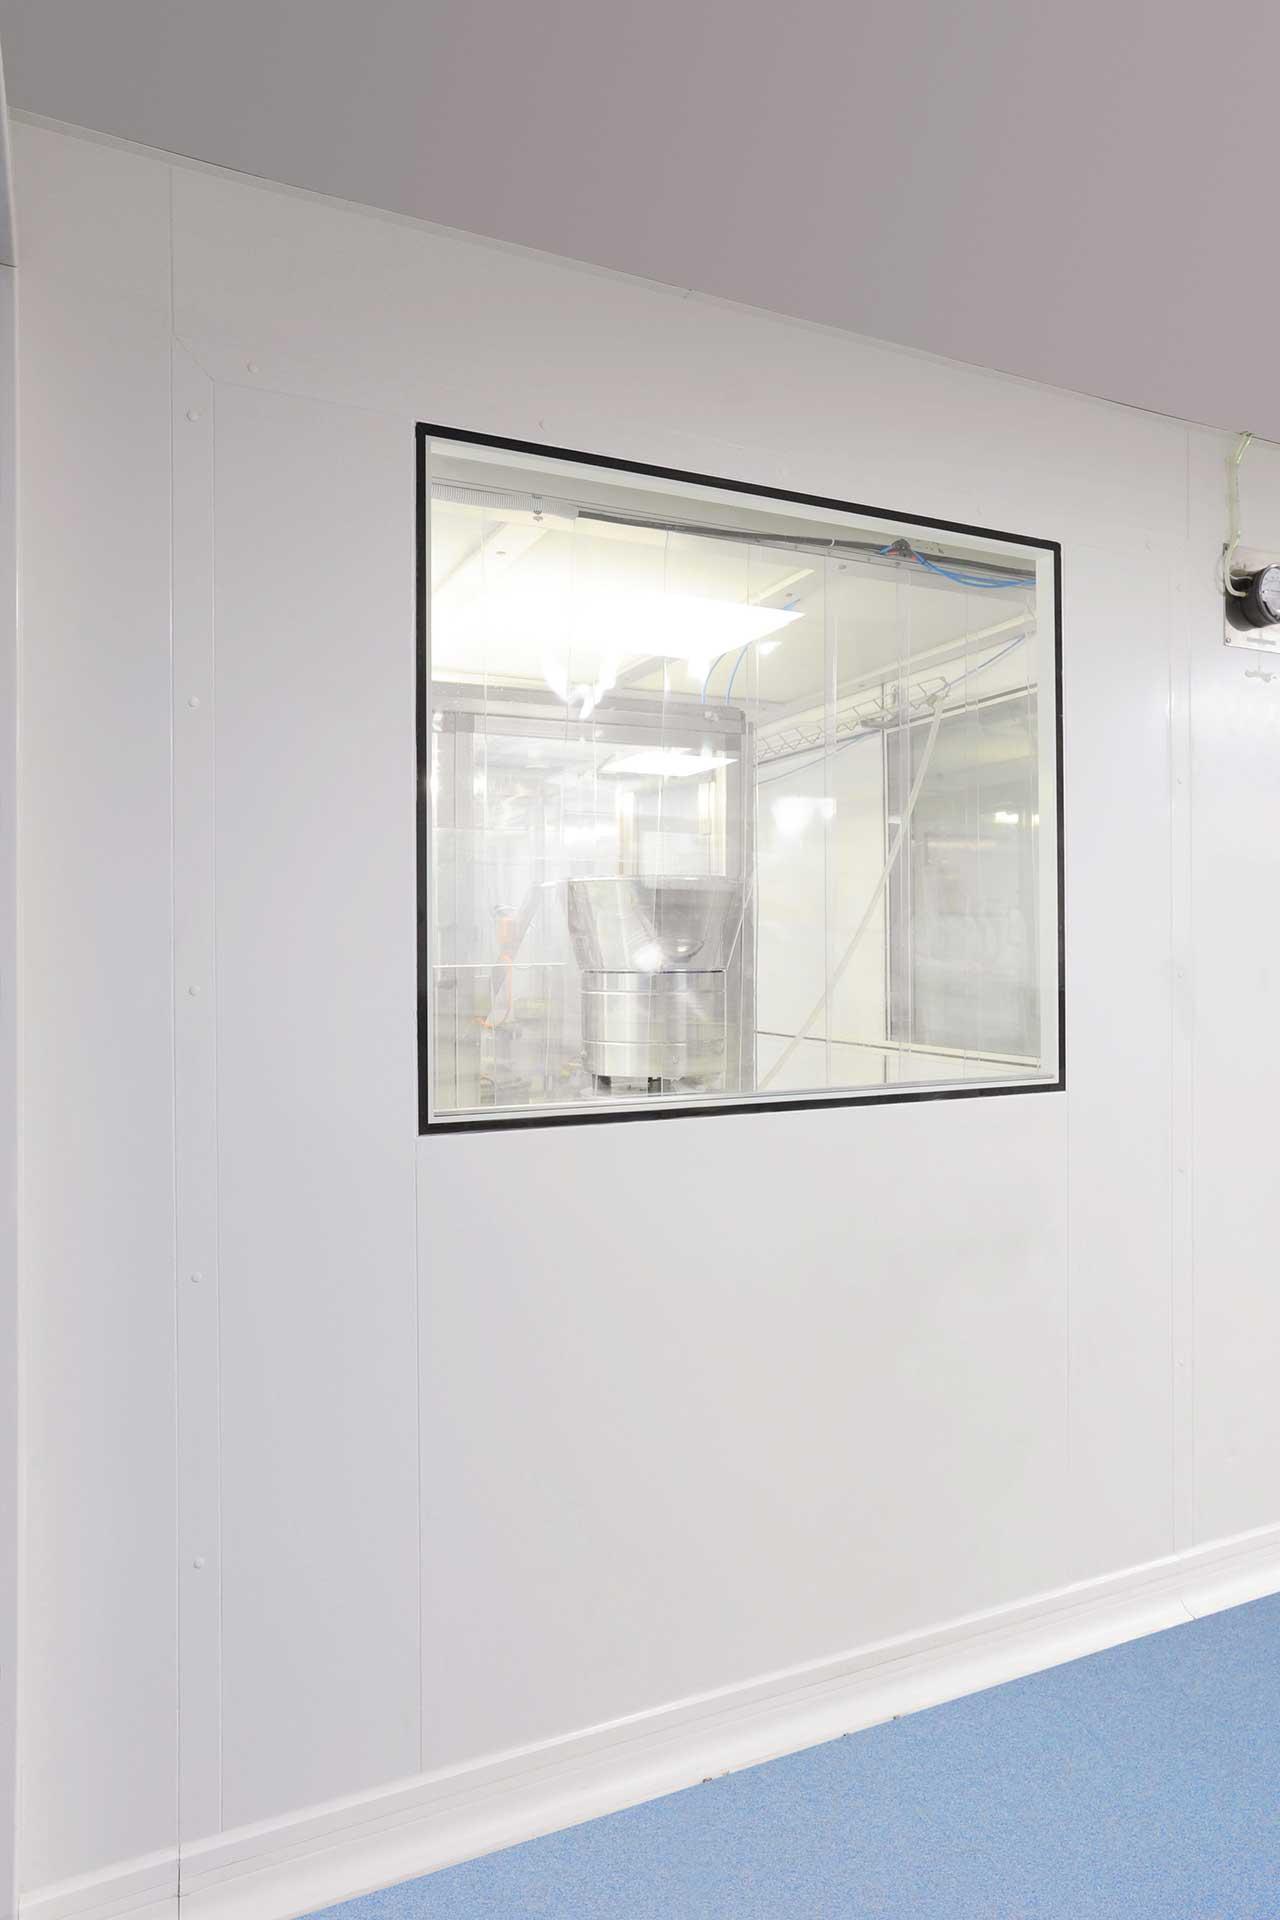 Salles propres cloisons vitrées